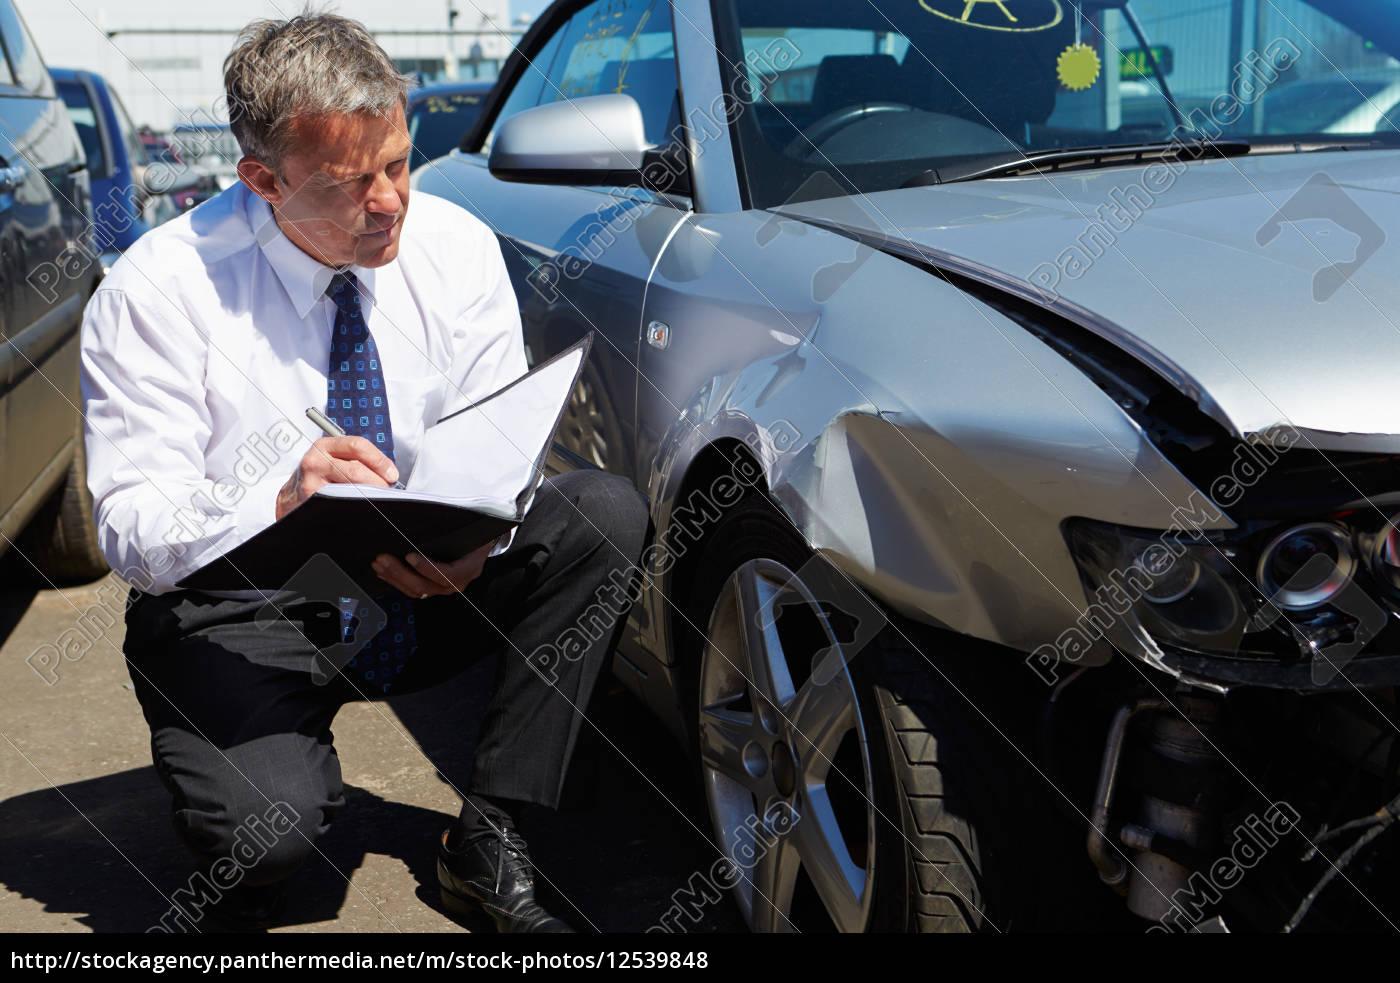 schreiben, schreibend, schreibt, auto, automobil, personenkraftwagen - 12539848